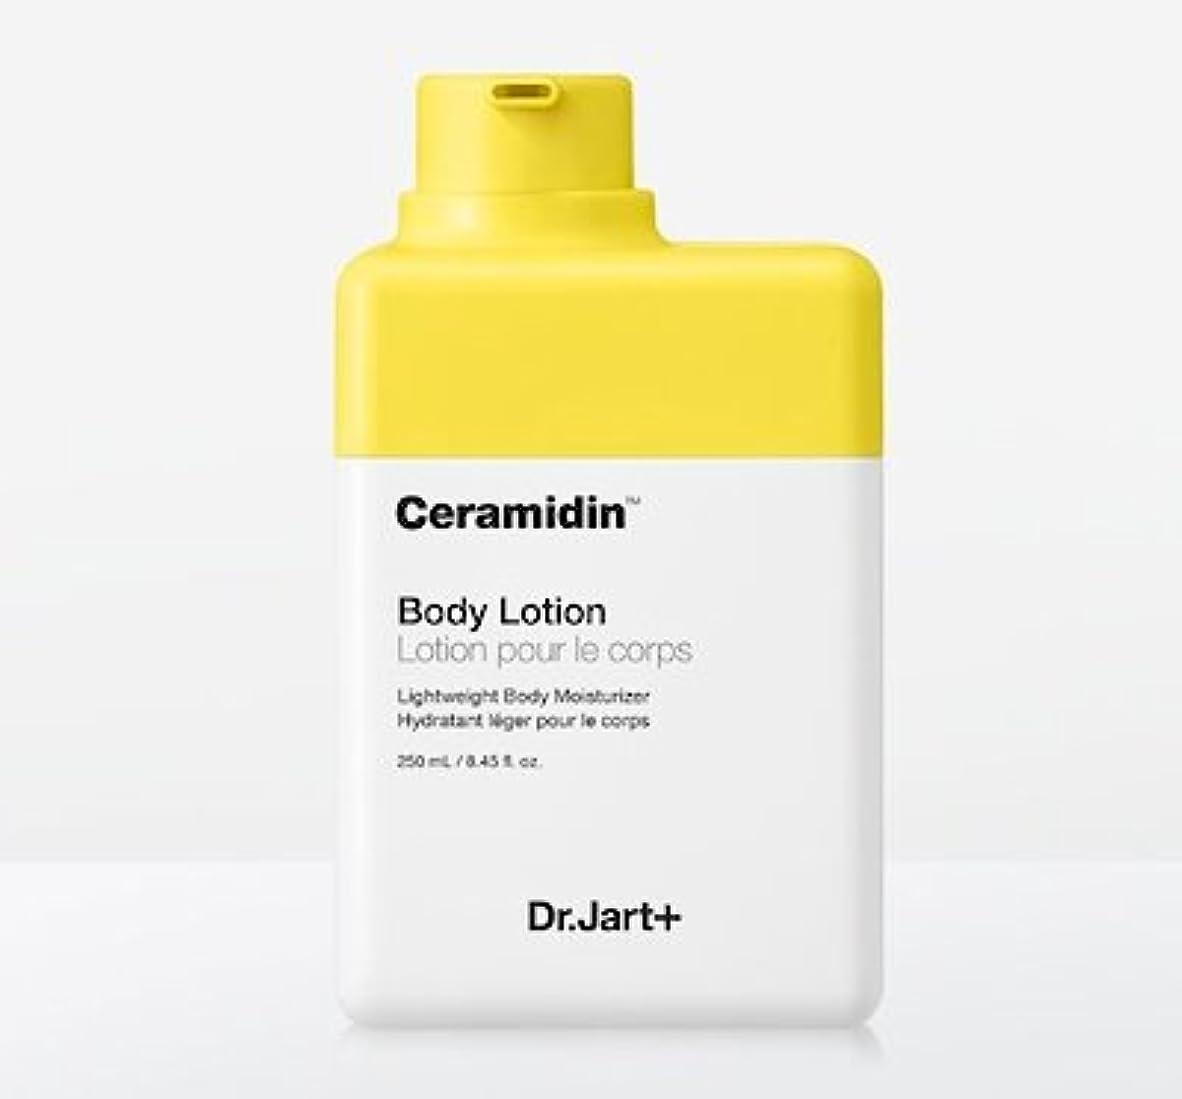 等公演百年ドクタージャルトセラマイディンボディローション Dr.Jart Ceramidin Body Lotion 250ml [並行輸入品]